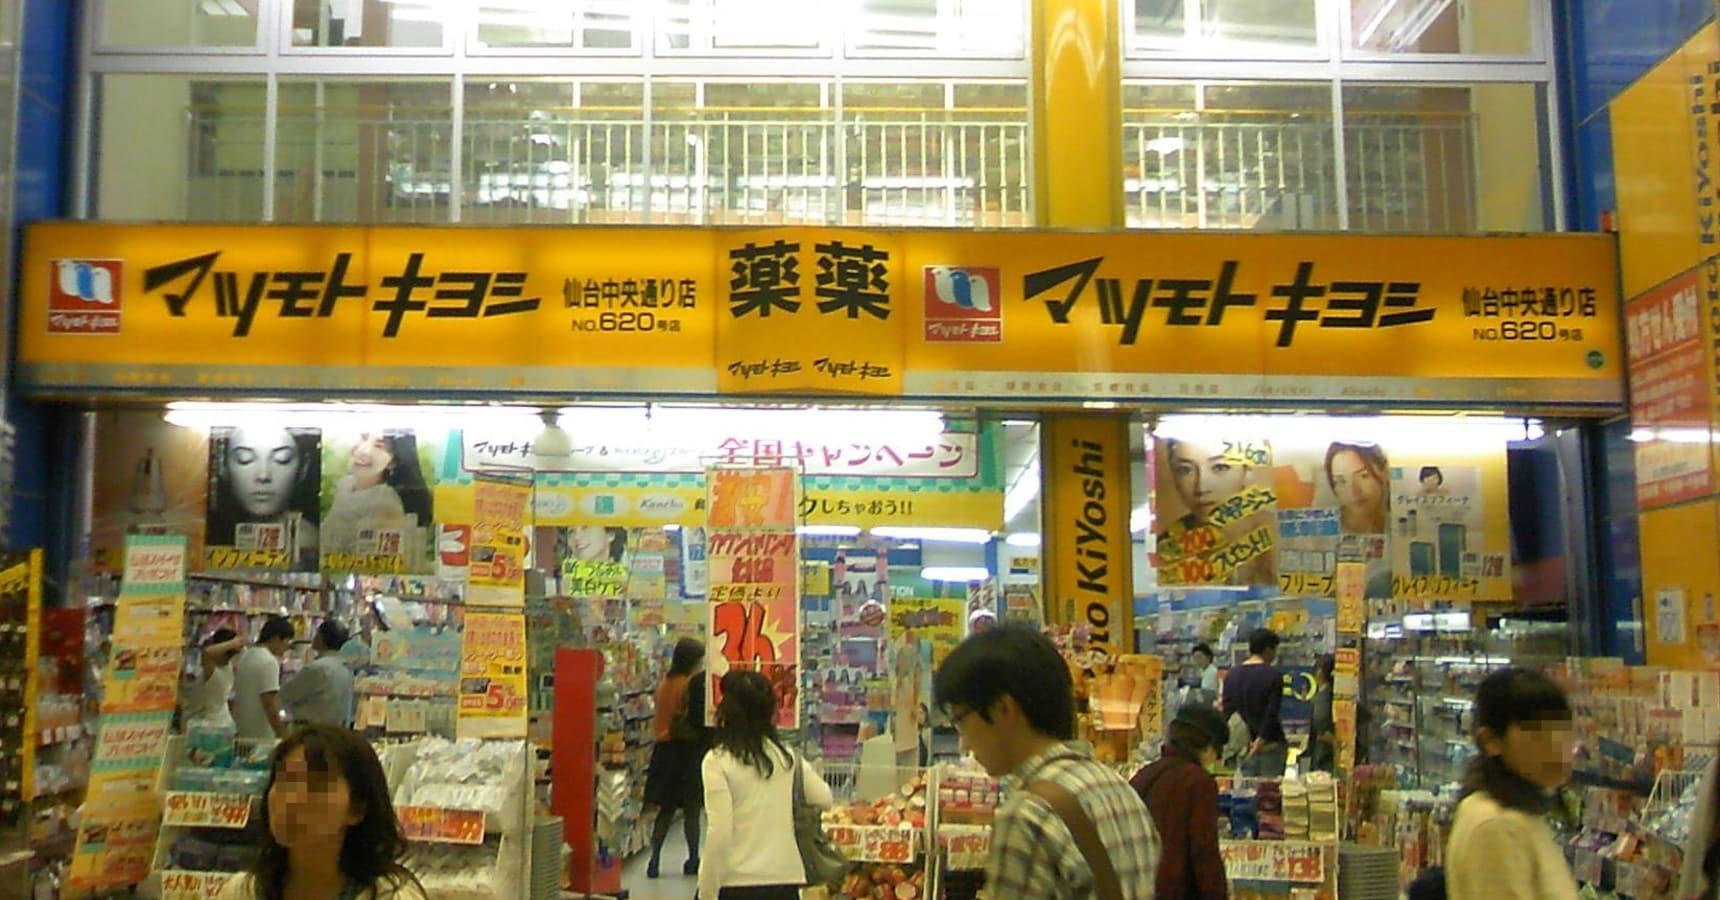 4 ร้านขายยาชื่อดังของญี่ปุ่น